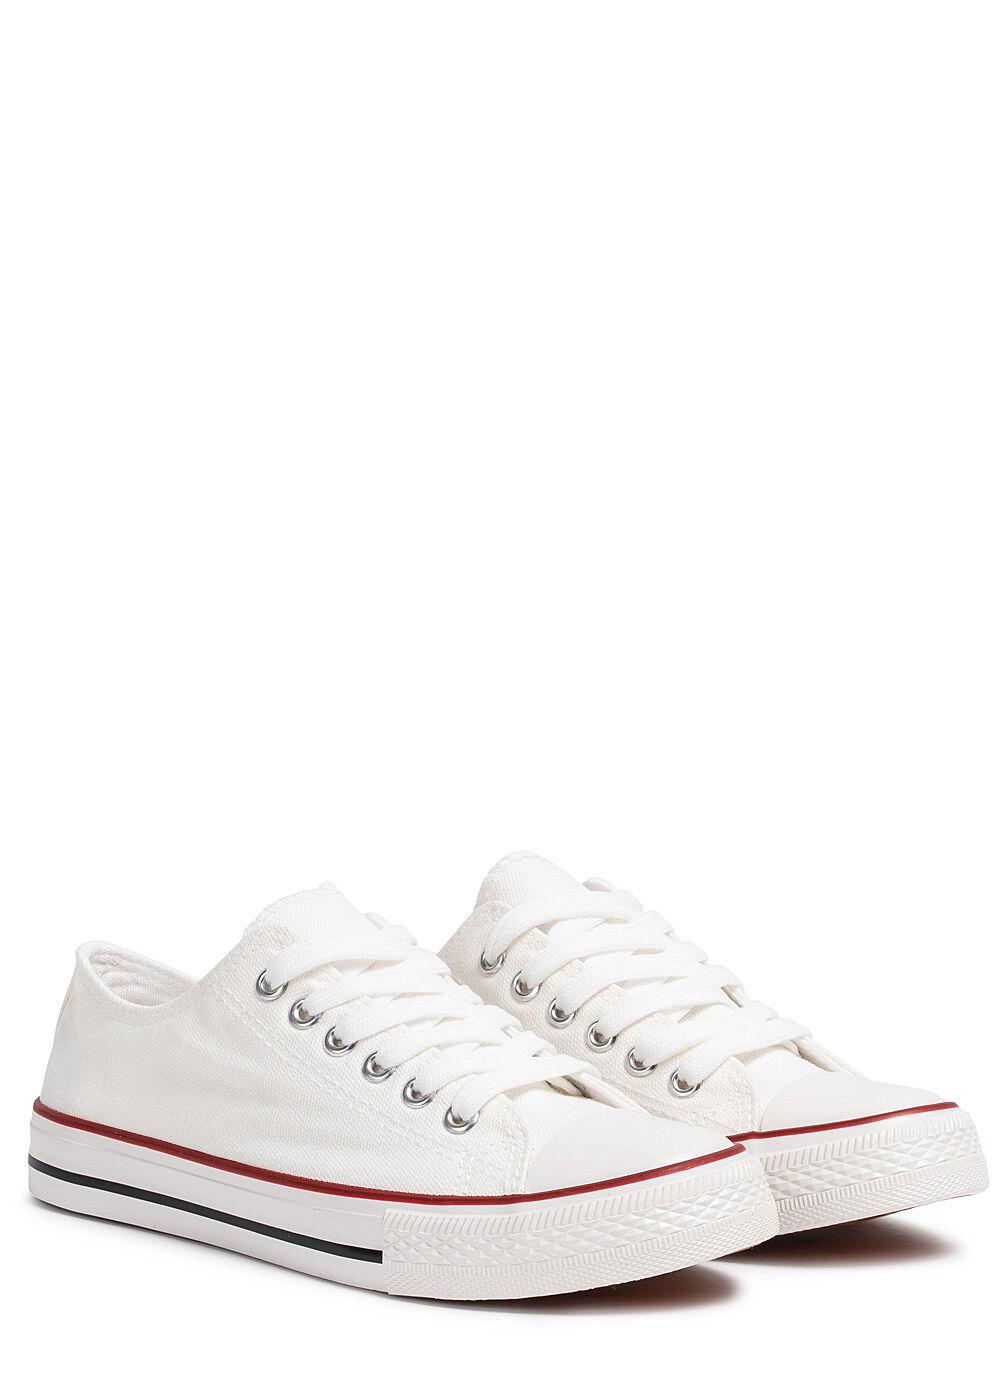 d0b865db59e7a1 Seventyseven Lifestyle Damen Schuh Canvas-Sneaker weiss - 77onlineshop